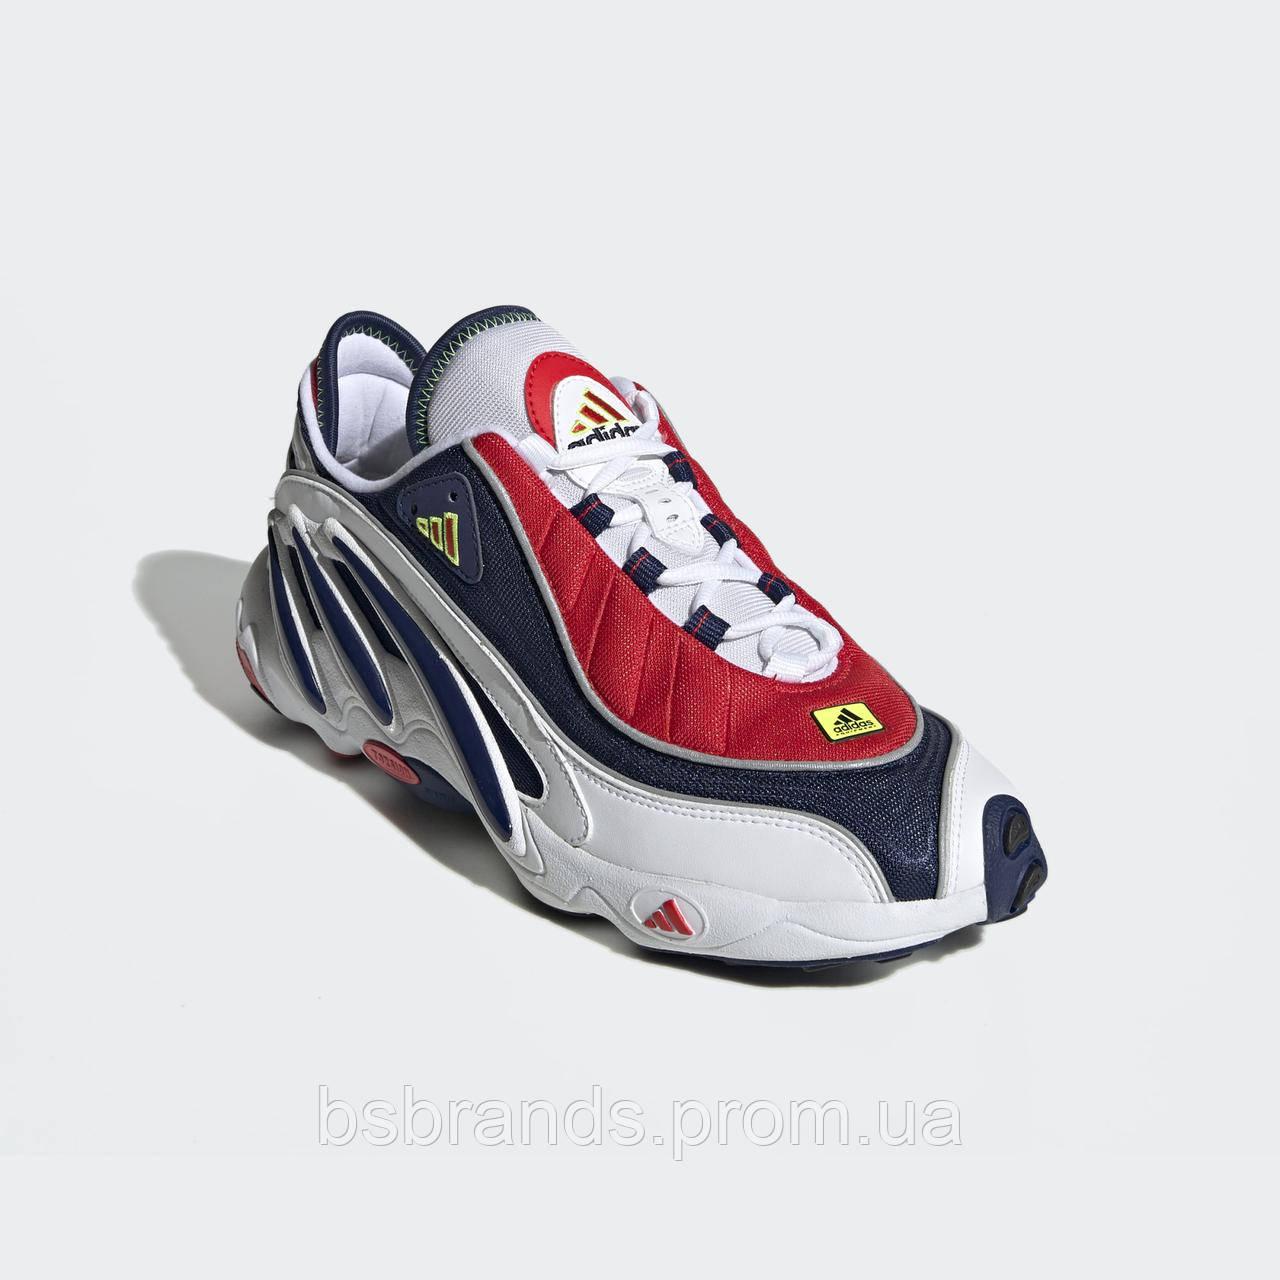 Мужские кроссовки adidas FYW 98 FV3910 (2020/1)